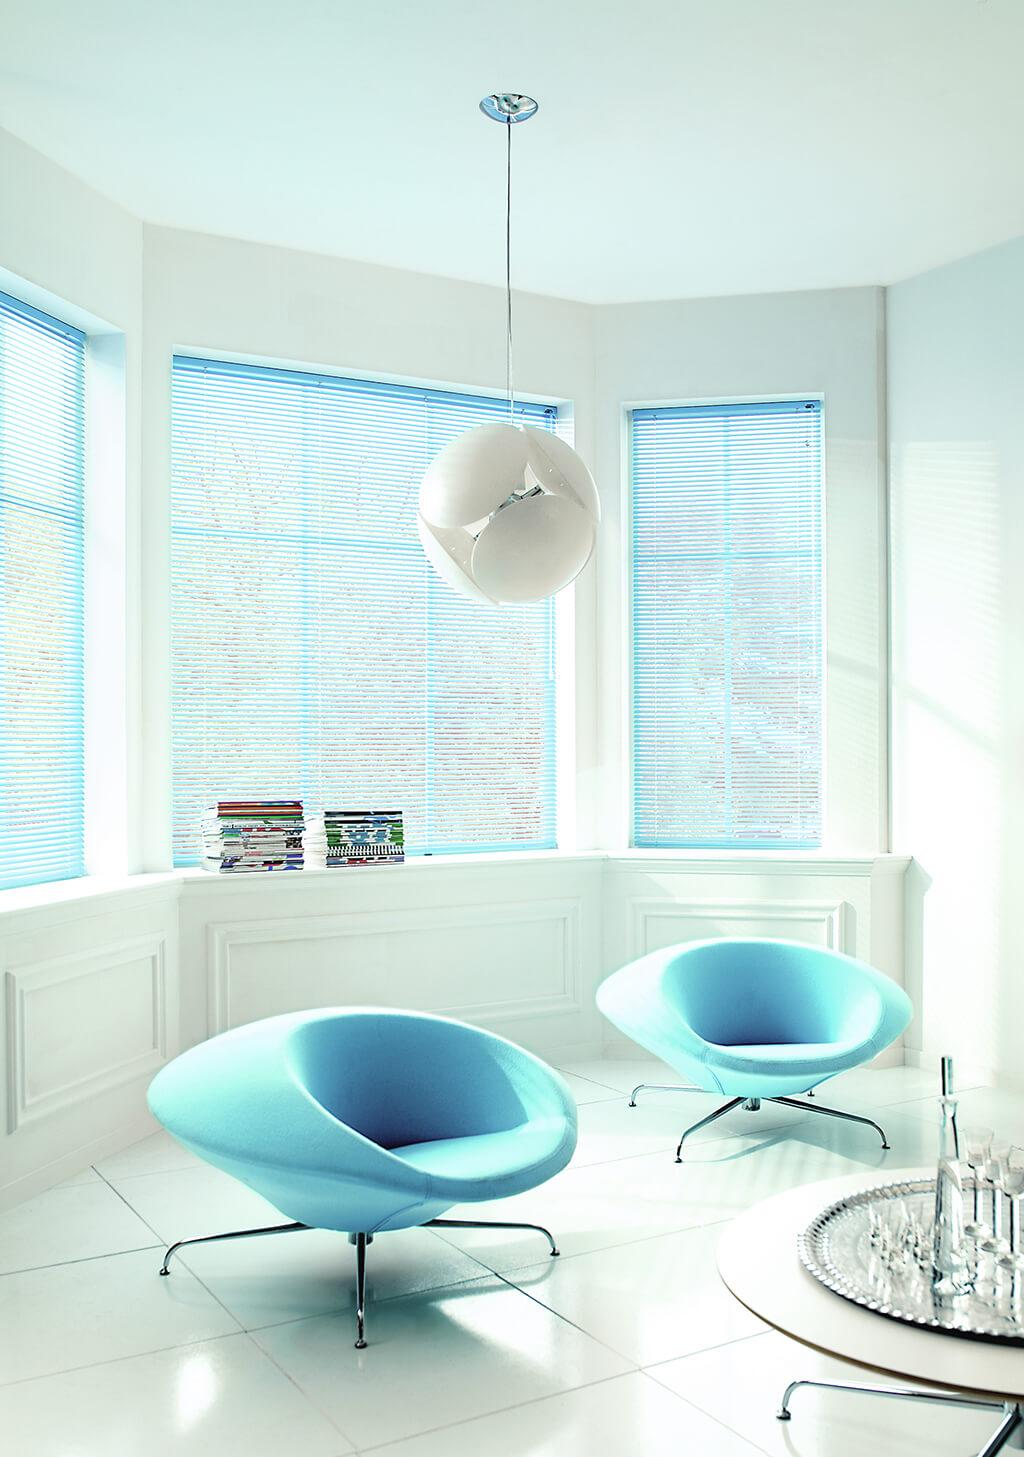 Hellblaue Alu-Jalousie mit schmalen Lamellen an Erkerfenstern im weiß-blau gehaltenen Wohnzimmer